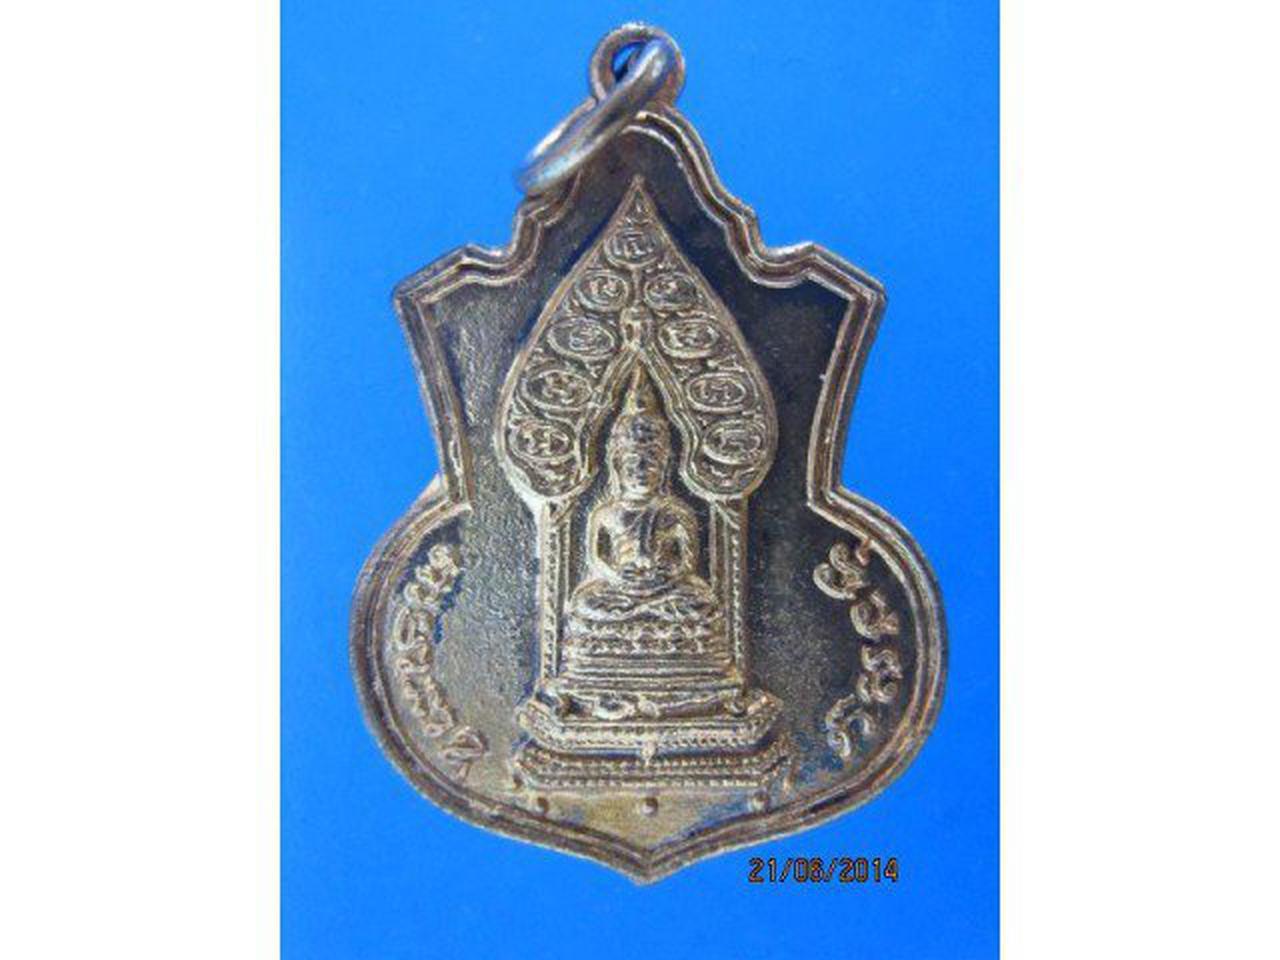 - เหรียญพระพุทธนิรันตราย เจริญลาภ วัดราชประดิษฐ์สถิตมหาสีมาร รูปที่ 4